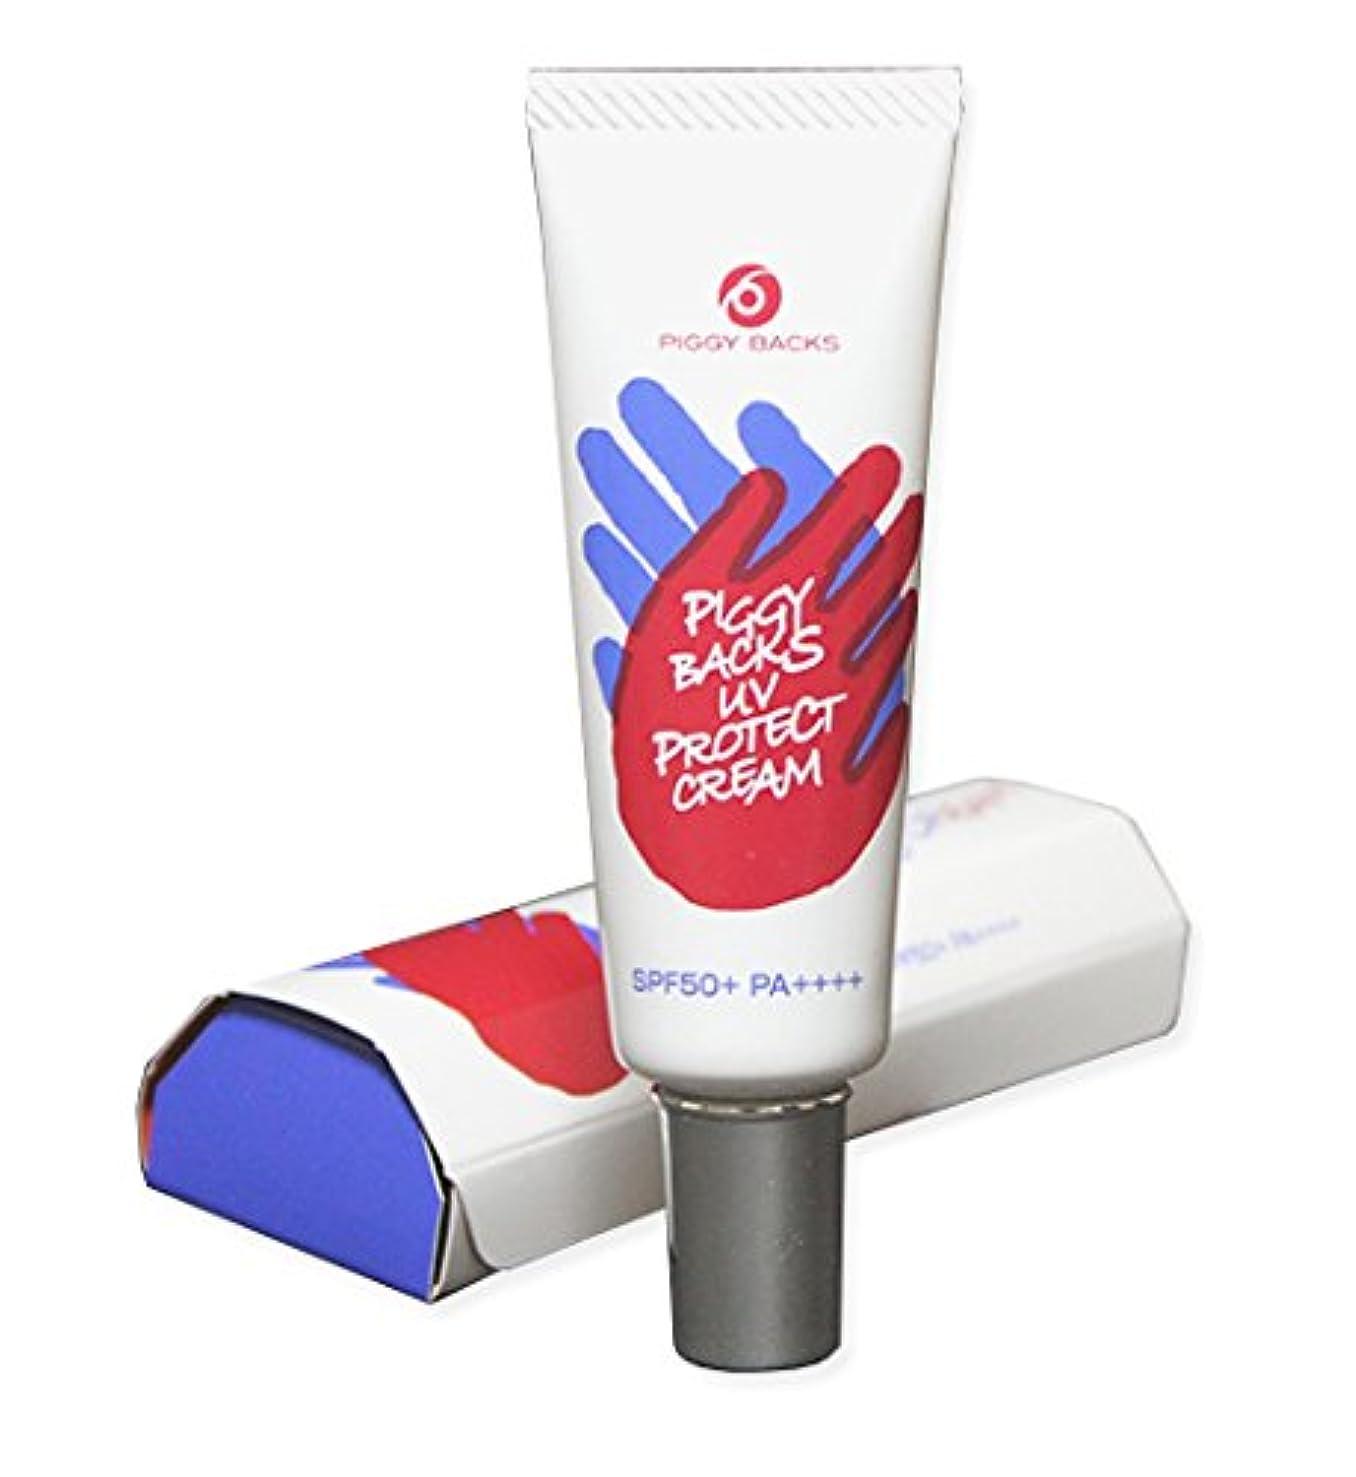 気づかないベールシリングピギーバックス UVプロテクトクリーム【SPF50+、PA++++】国内最高紫外線防御力なのにノンケミカルを実現!塗り直しがいらない日焼け止めクリーム